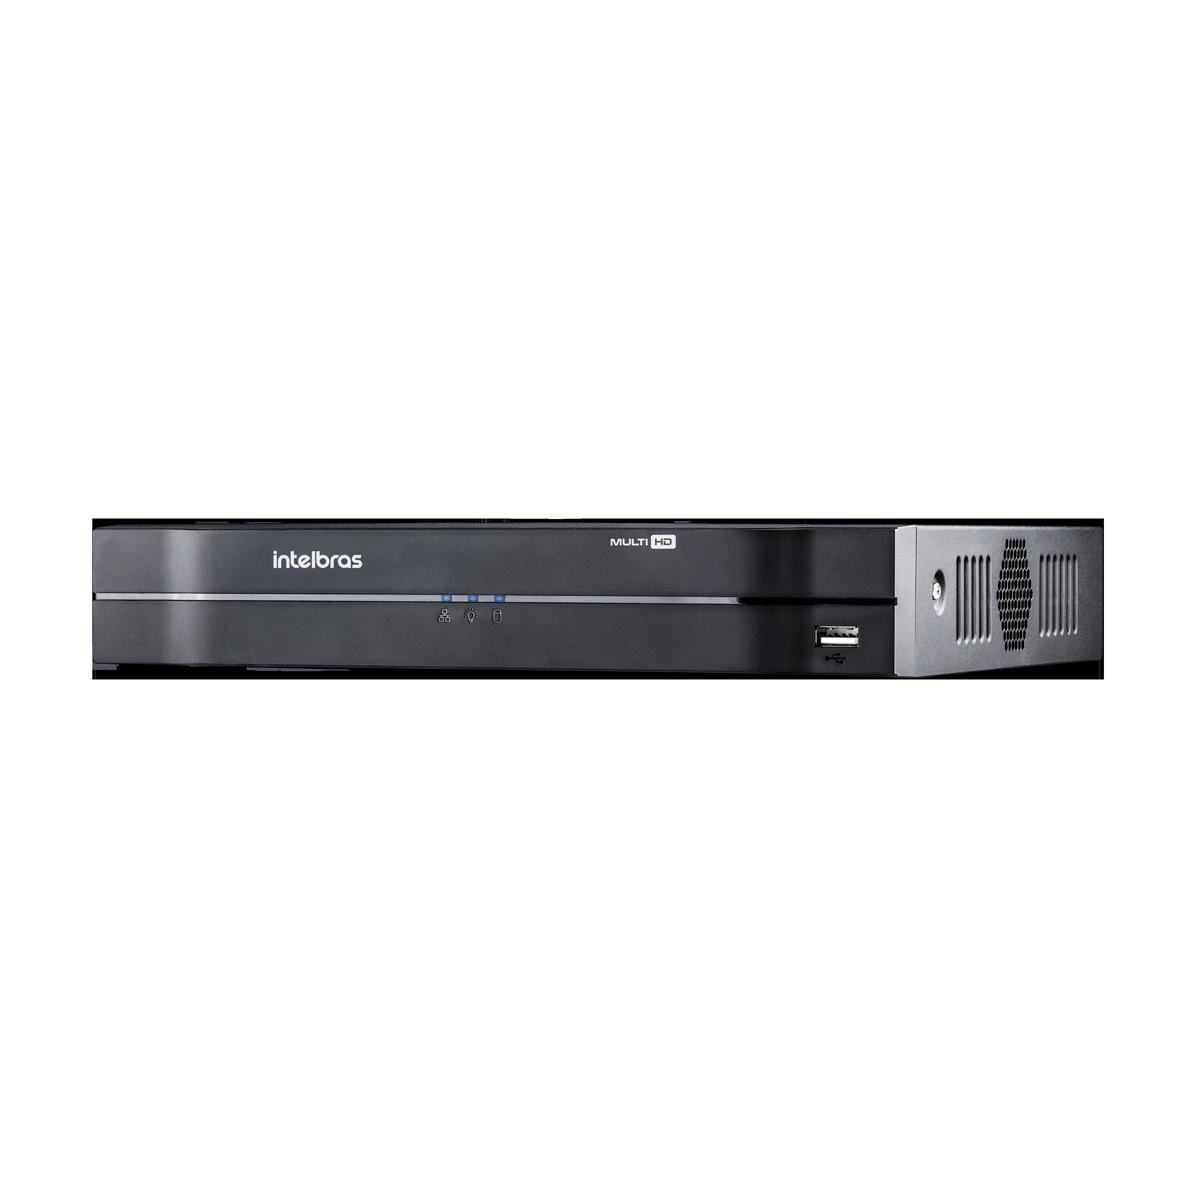 Gravador Digital 4 Canais Multi Hd Mhdx 1004 - Intelbras